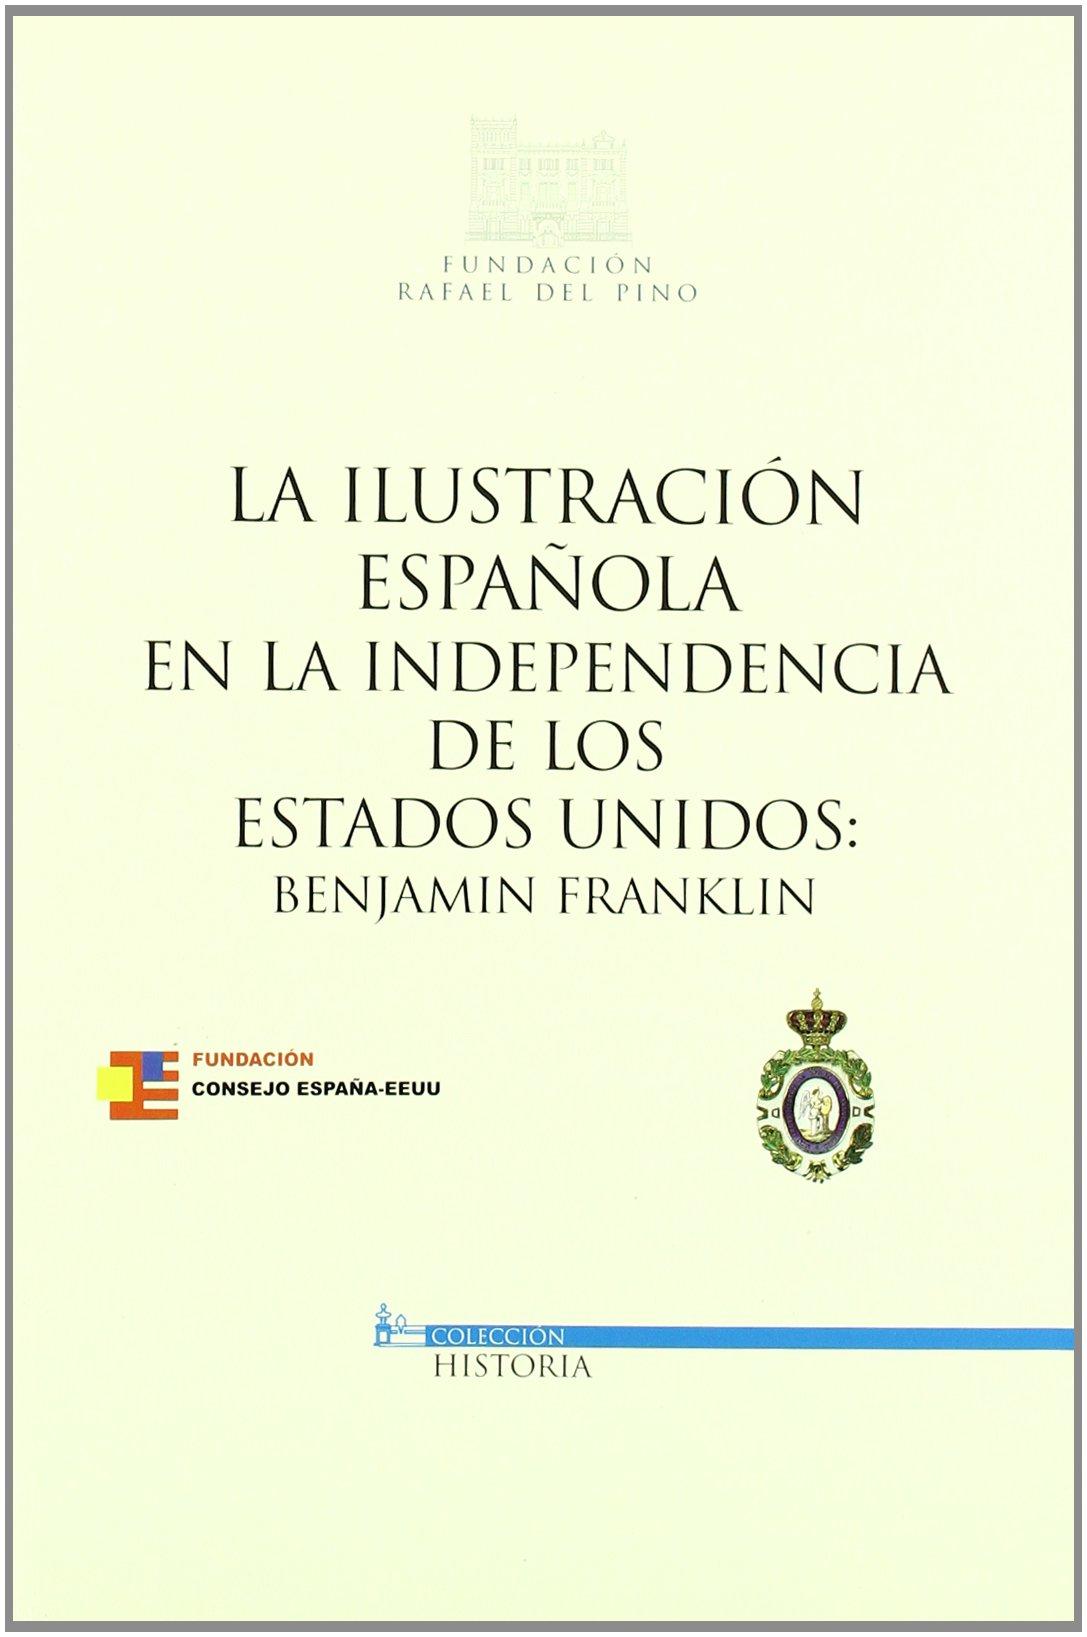 La Ilustración española en la independencia de los Estados Unidos : Benjamin Franklin: Amazon.es: Anes, Gonzalo: Libros